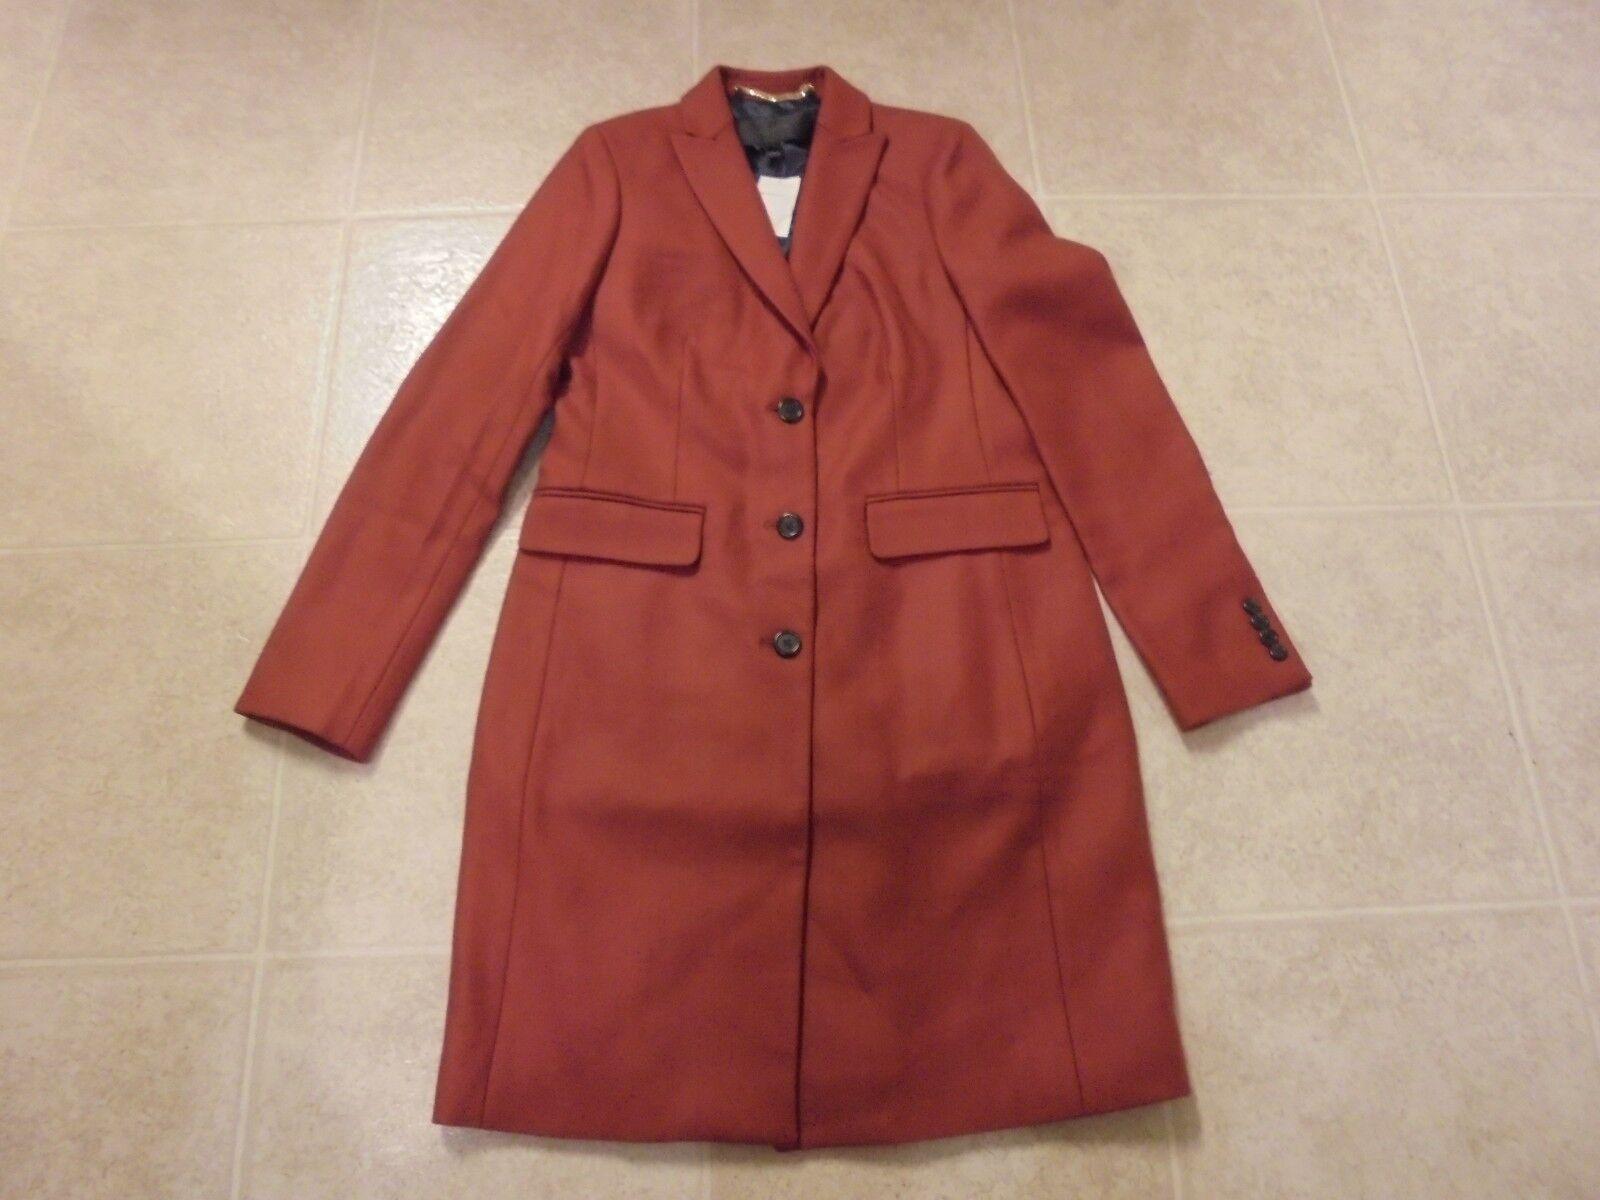 J CREW Parke Topcoat Nuevo con etiquetas talla 4   G7790 oscuro Cognac Chaqueta Abrigo  compras de moda online